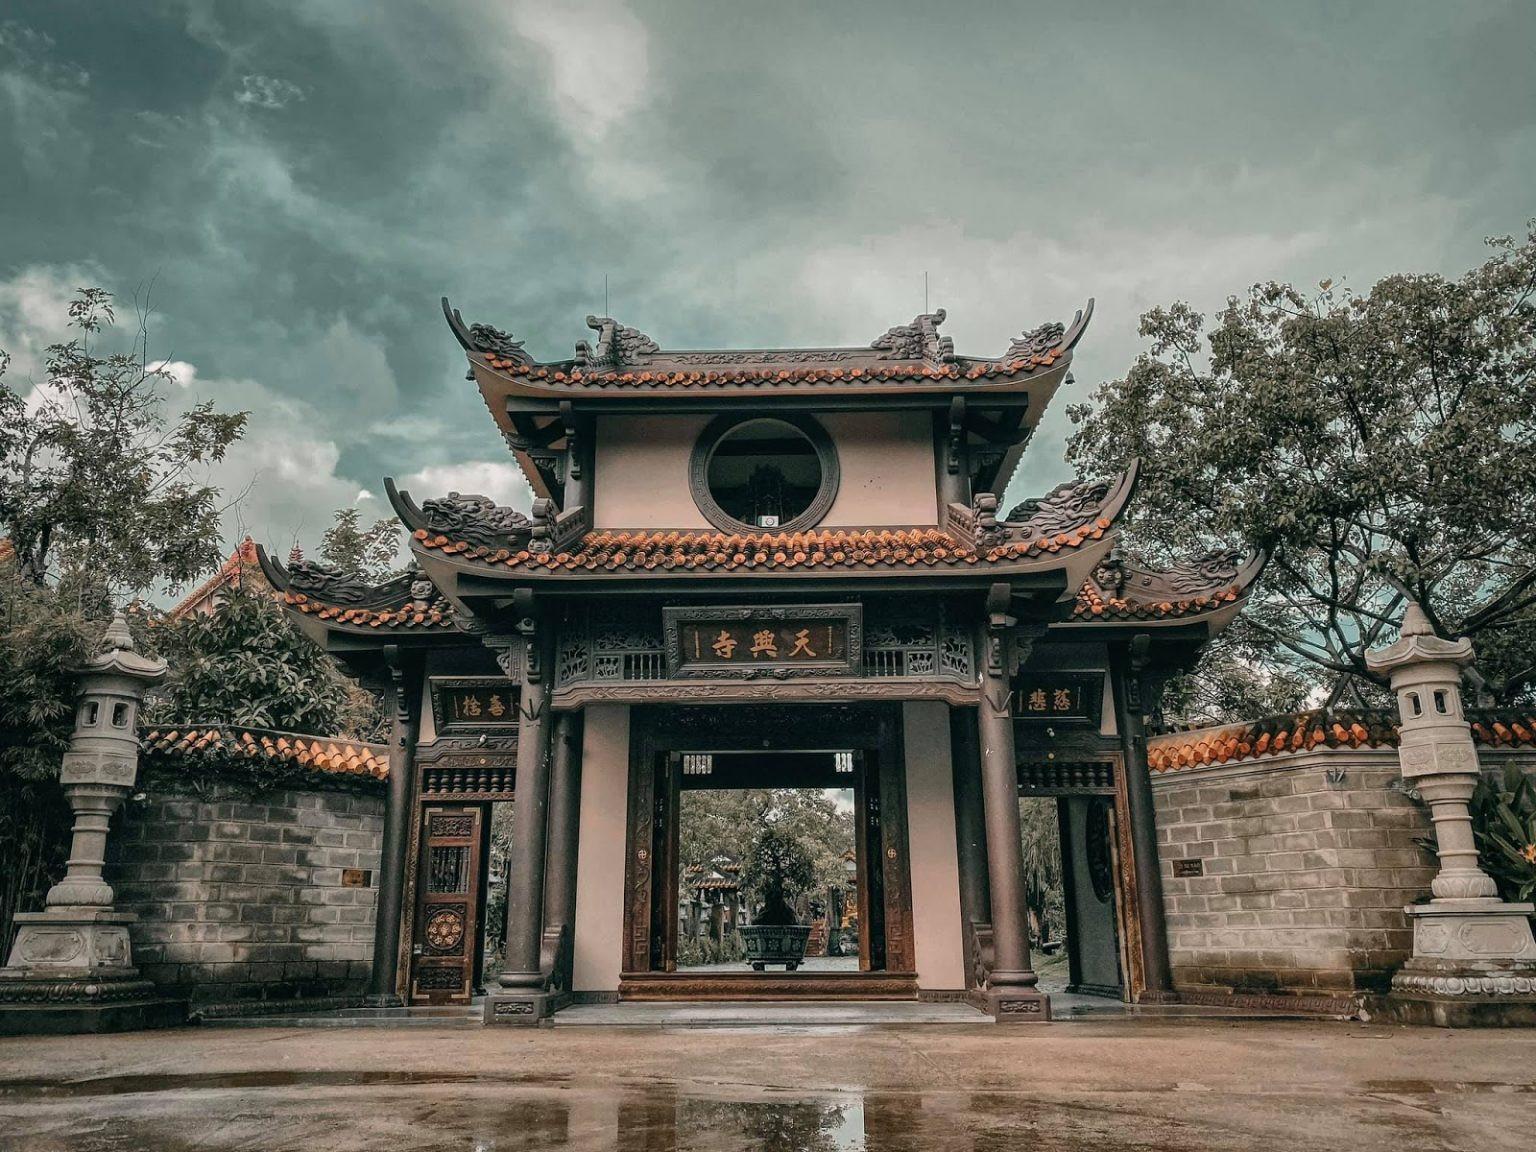 Thiên Hưng Tự: Phượng Hoàng Cổ Trấn giữa lòng Bình Định - 1